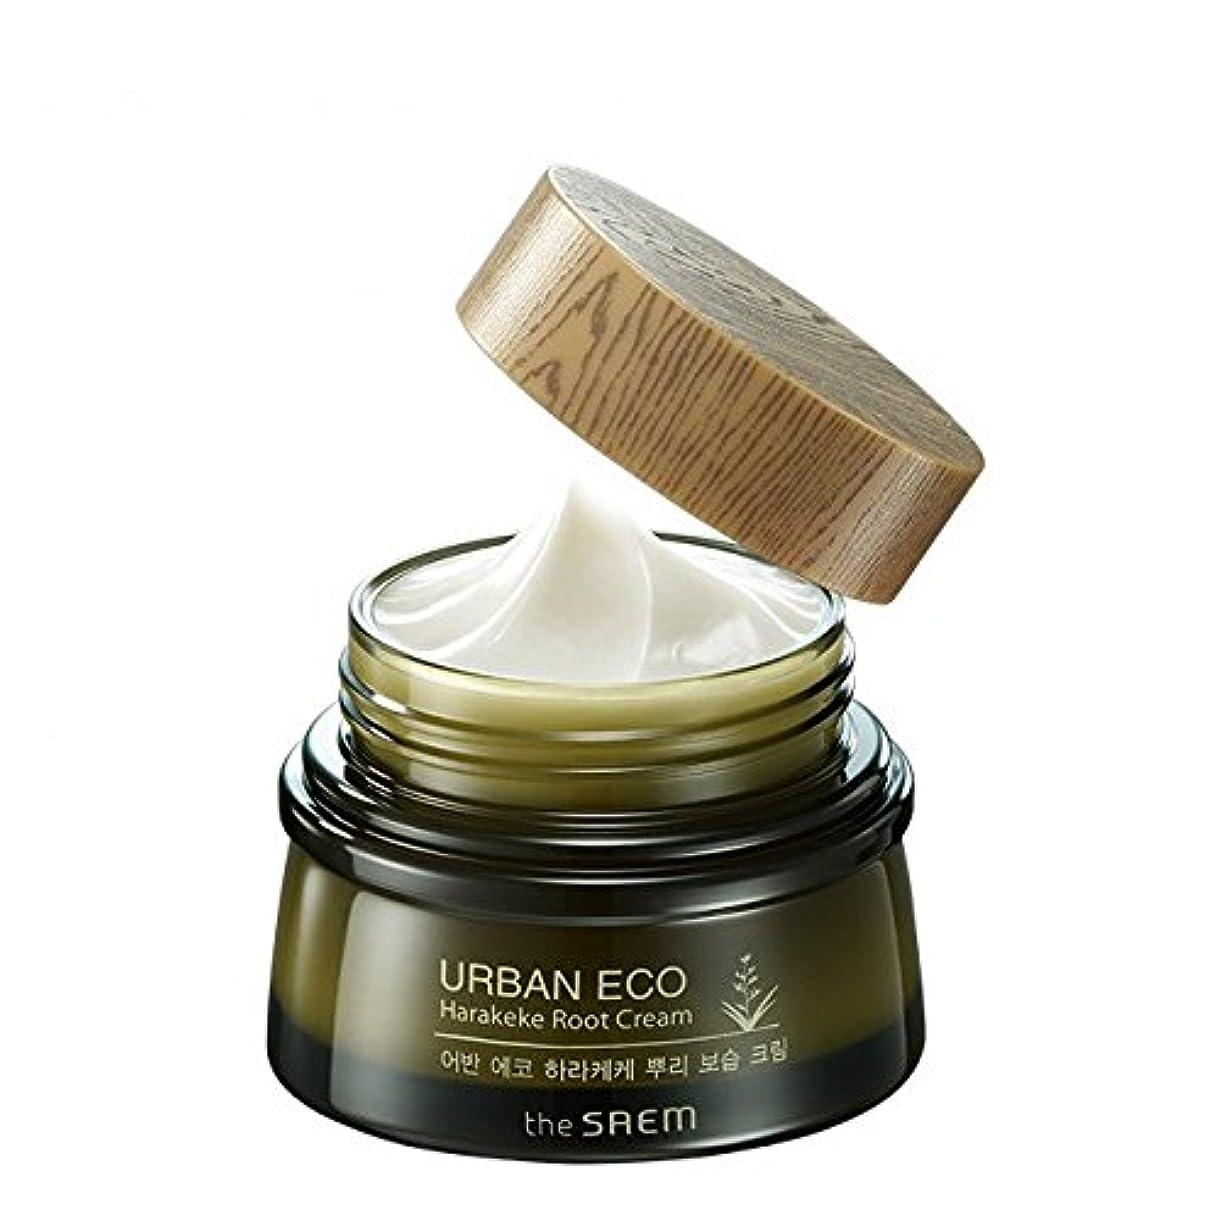 一杯信頼できる内側[ザセム] The Saem [アーバンエコ ハラケケ 根保湿クリーム60ml (The Saem Urban Eco Harakeke Root Cream60ml)